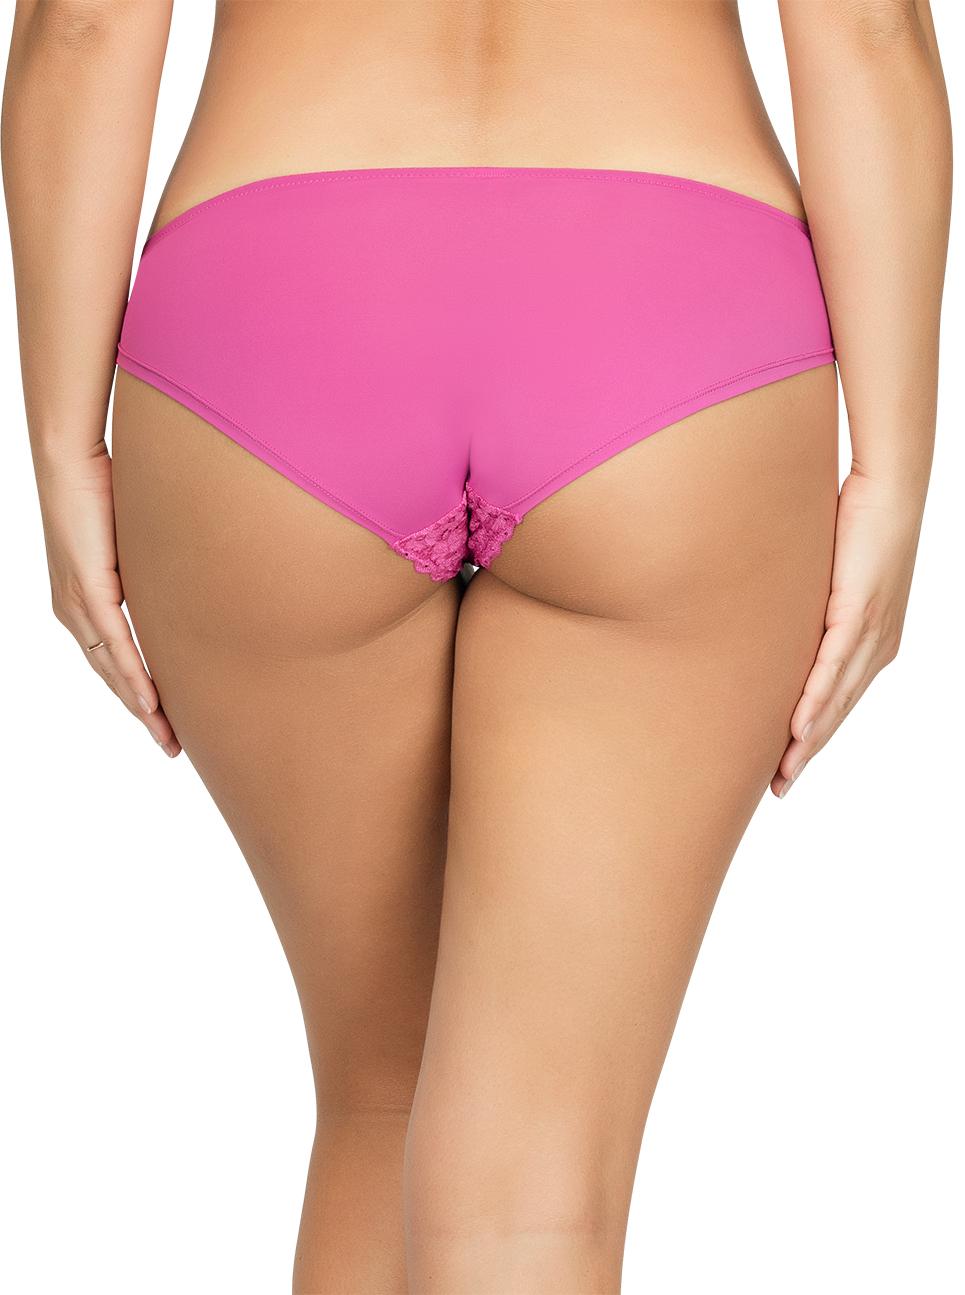 PARFAIT Adriana BikiniP5483 Raspberry Back - Adriana Bikini - Raspberry - P5483